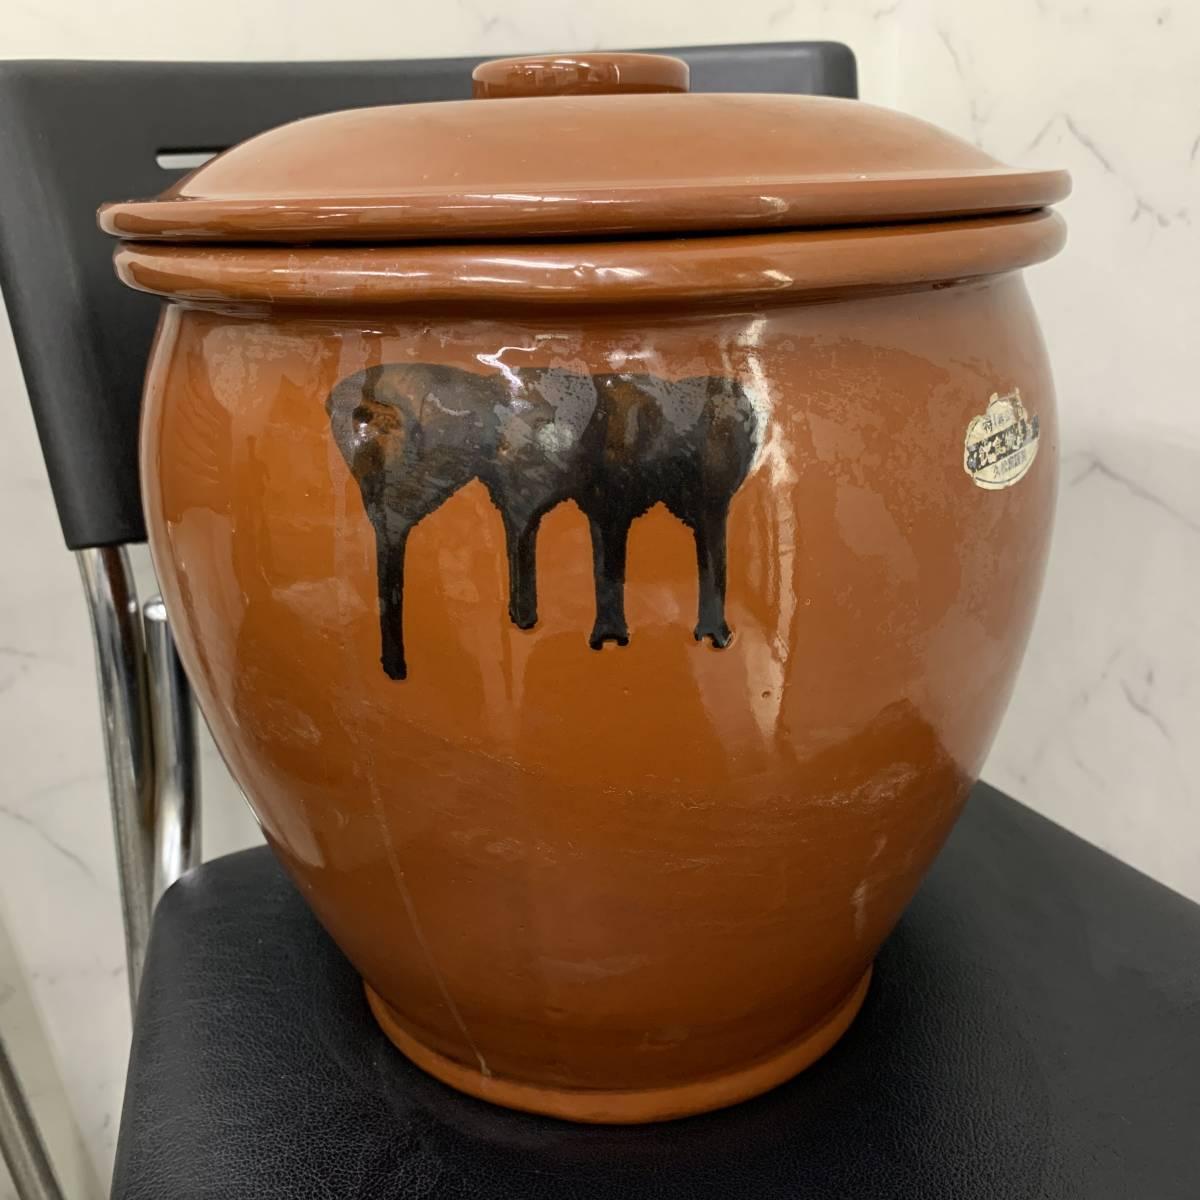 2、常滑焼 久松窯 梅干し壺 漬物容器 かめ 漬物 らっきょ 梅干 味噌 蓋付 経年保管品_画像3